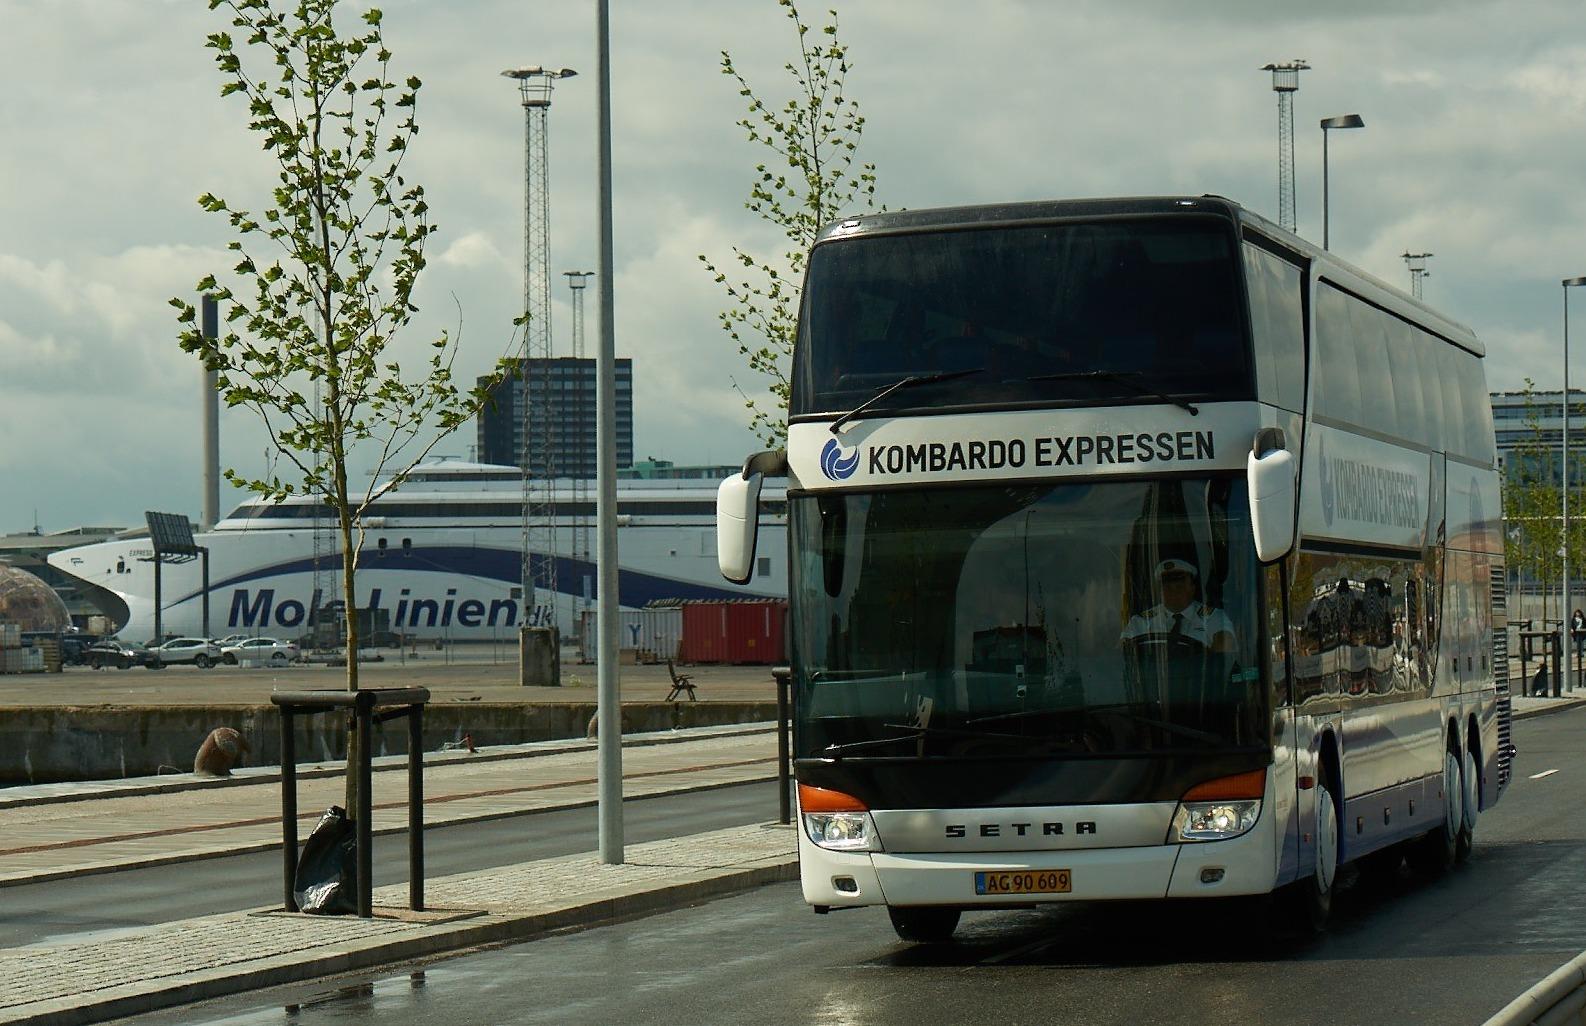 Fjernbusserne i Danmark har ifølge Transportministeriet i alt cirka 1,5 millioner passagerer om året, nu forventes tallet at stige. Her er det en af de mere kendte, Kombardo Expressen. Foto: Molslinjen.